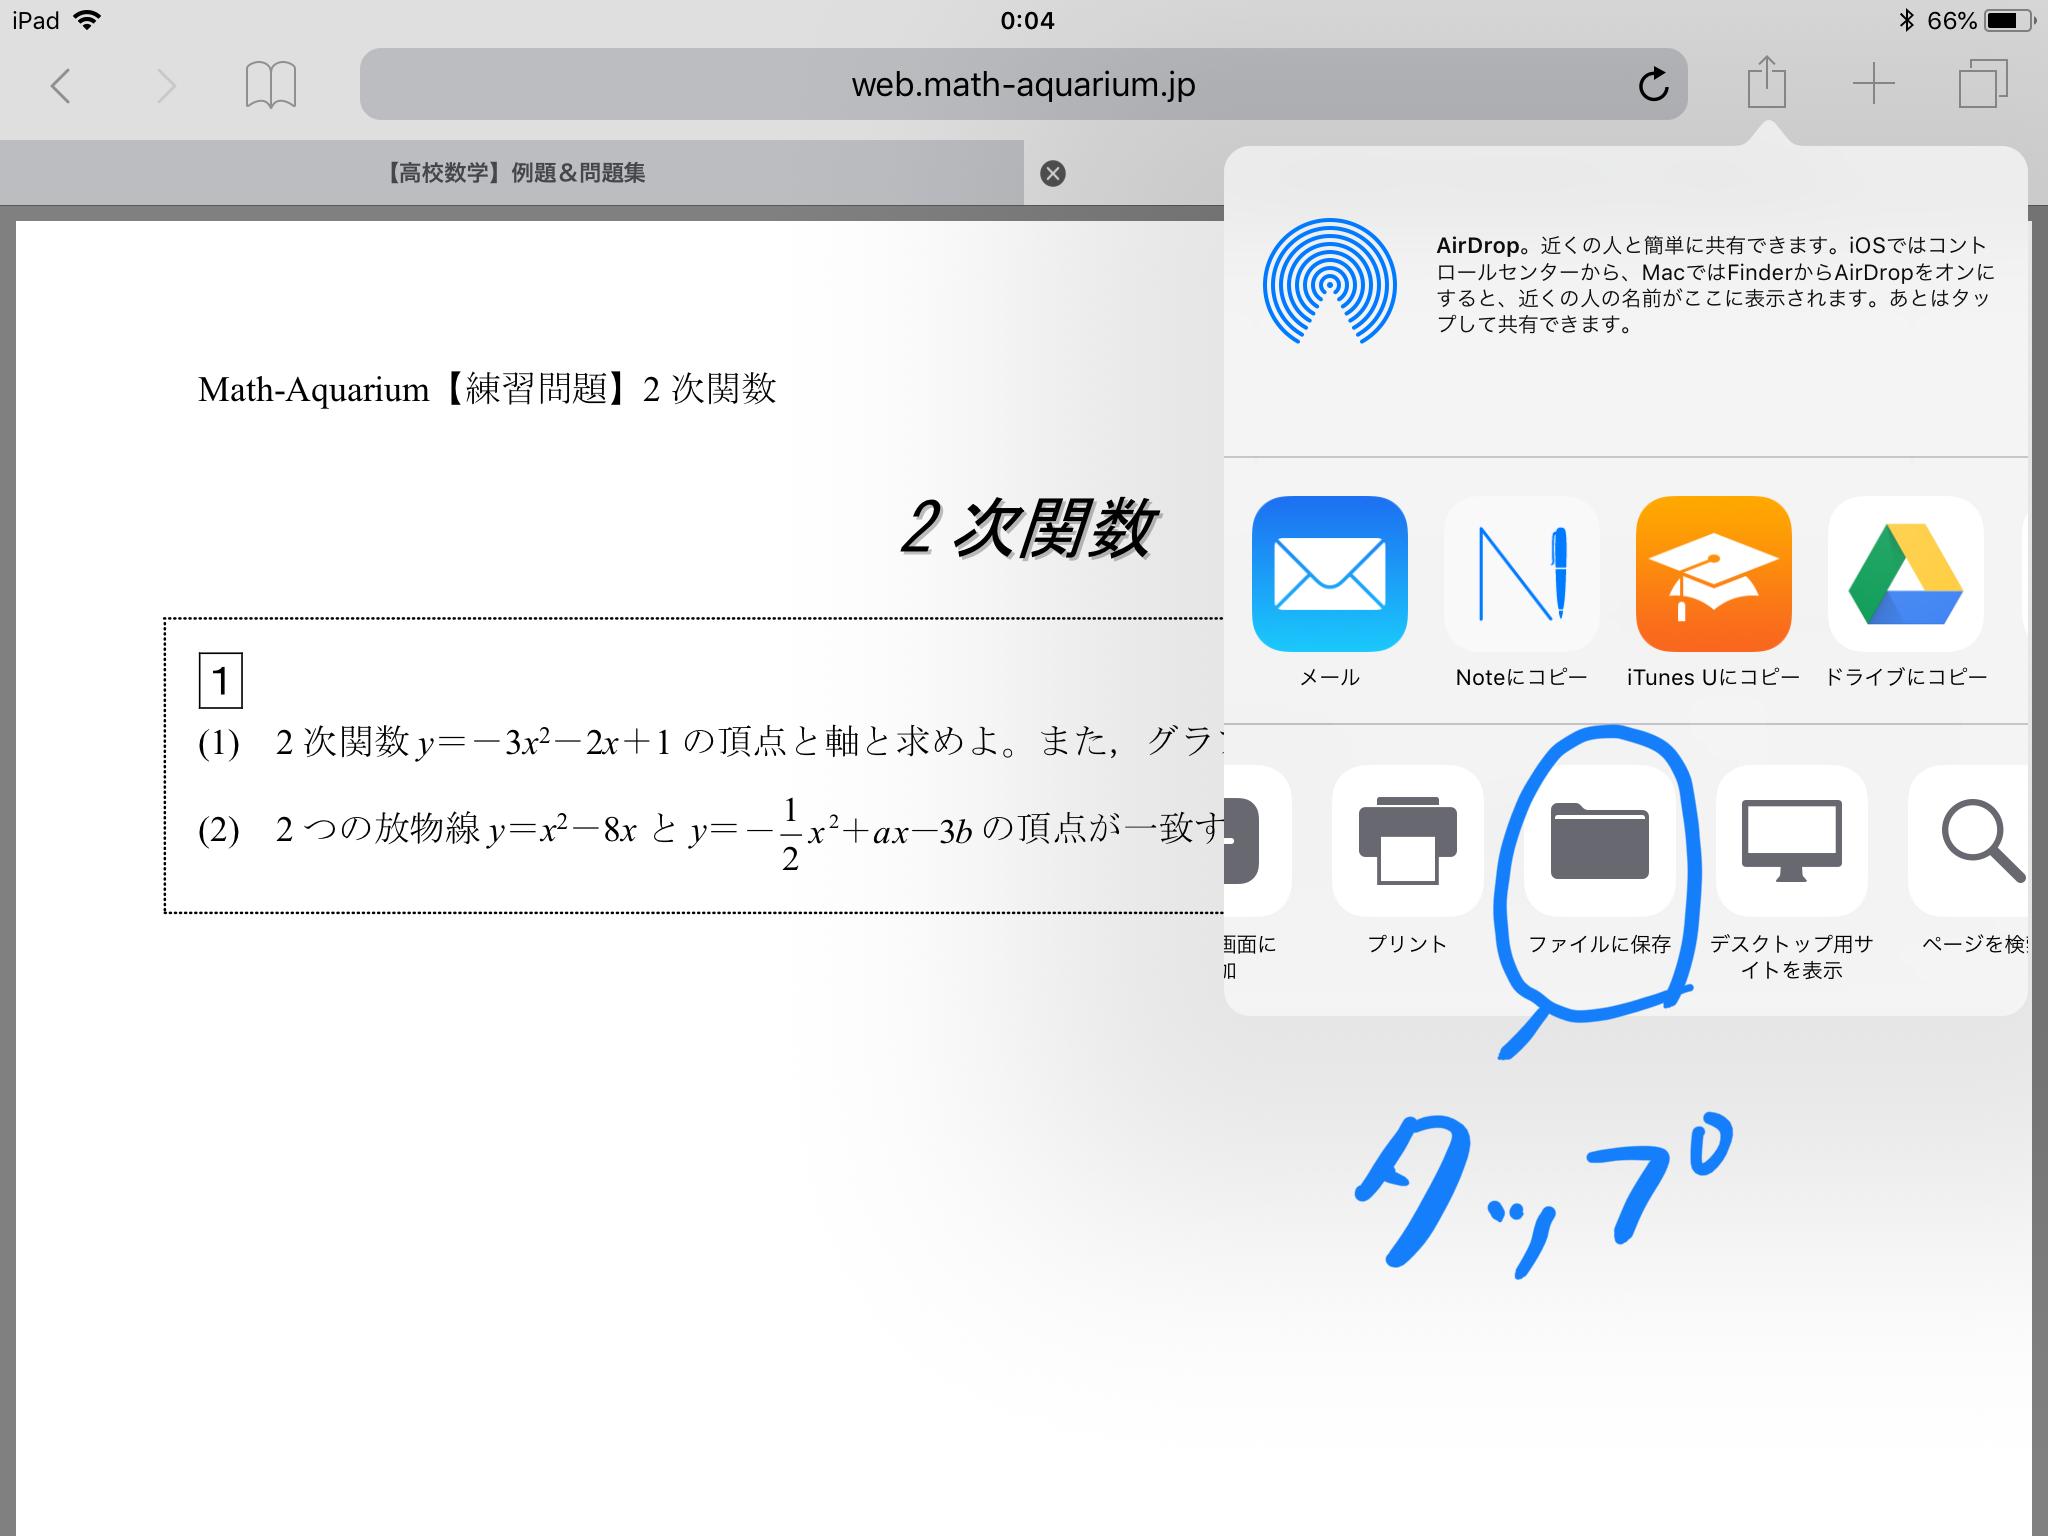 ipad web ページ pdf 保存